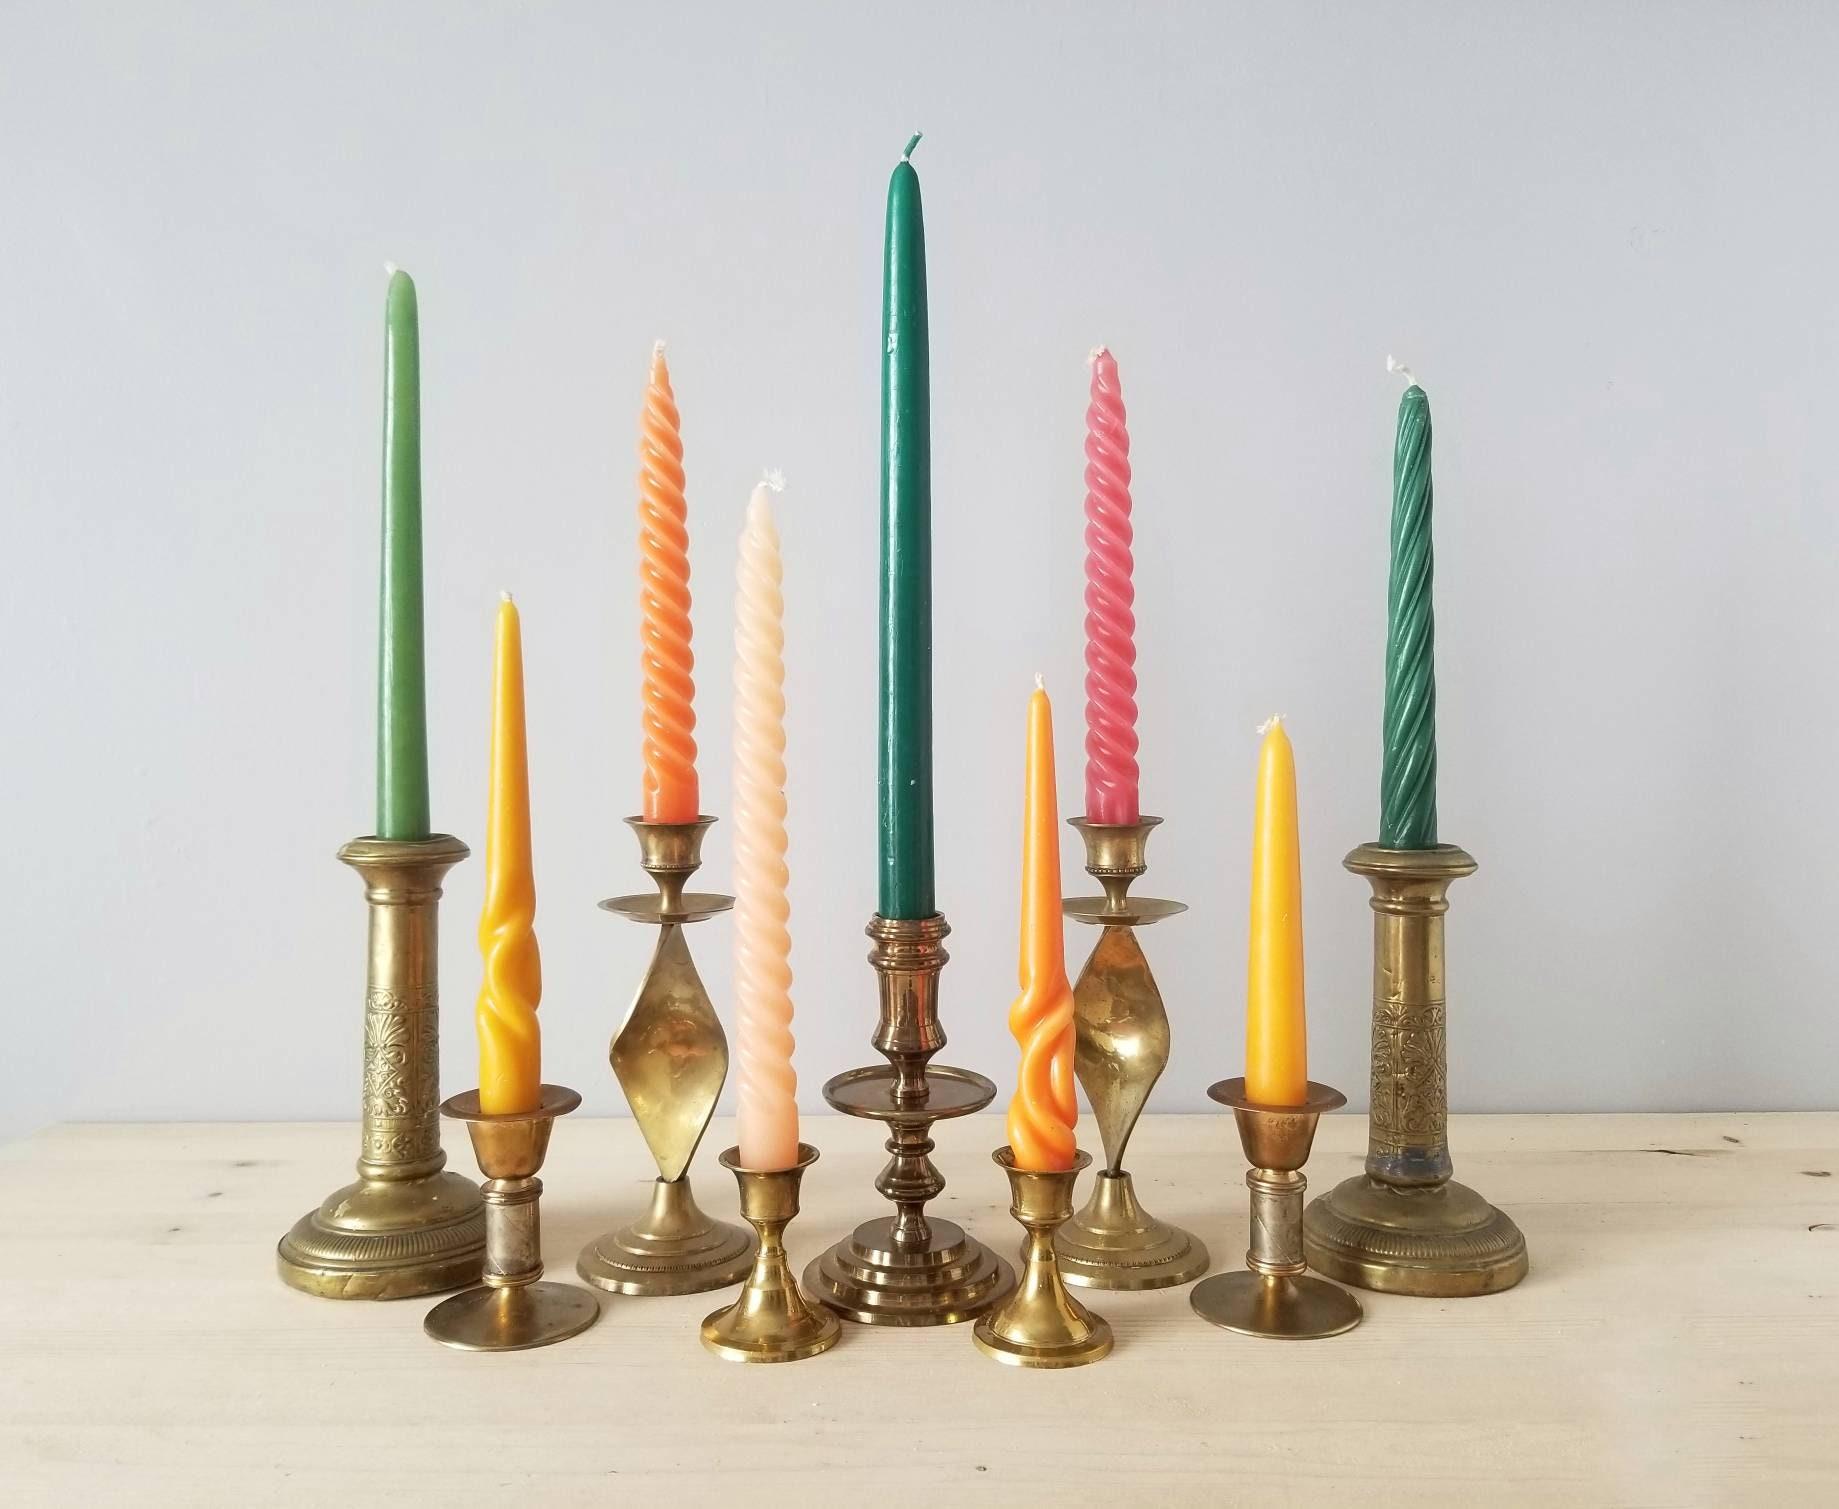 Vintage Brass Candle Stick Holders Candlestick Holder Set Wedding Decor